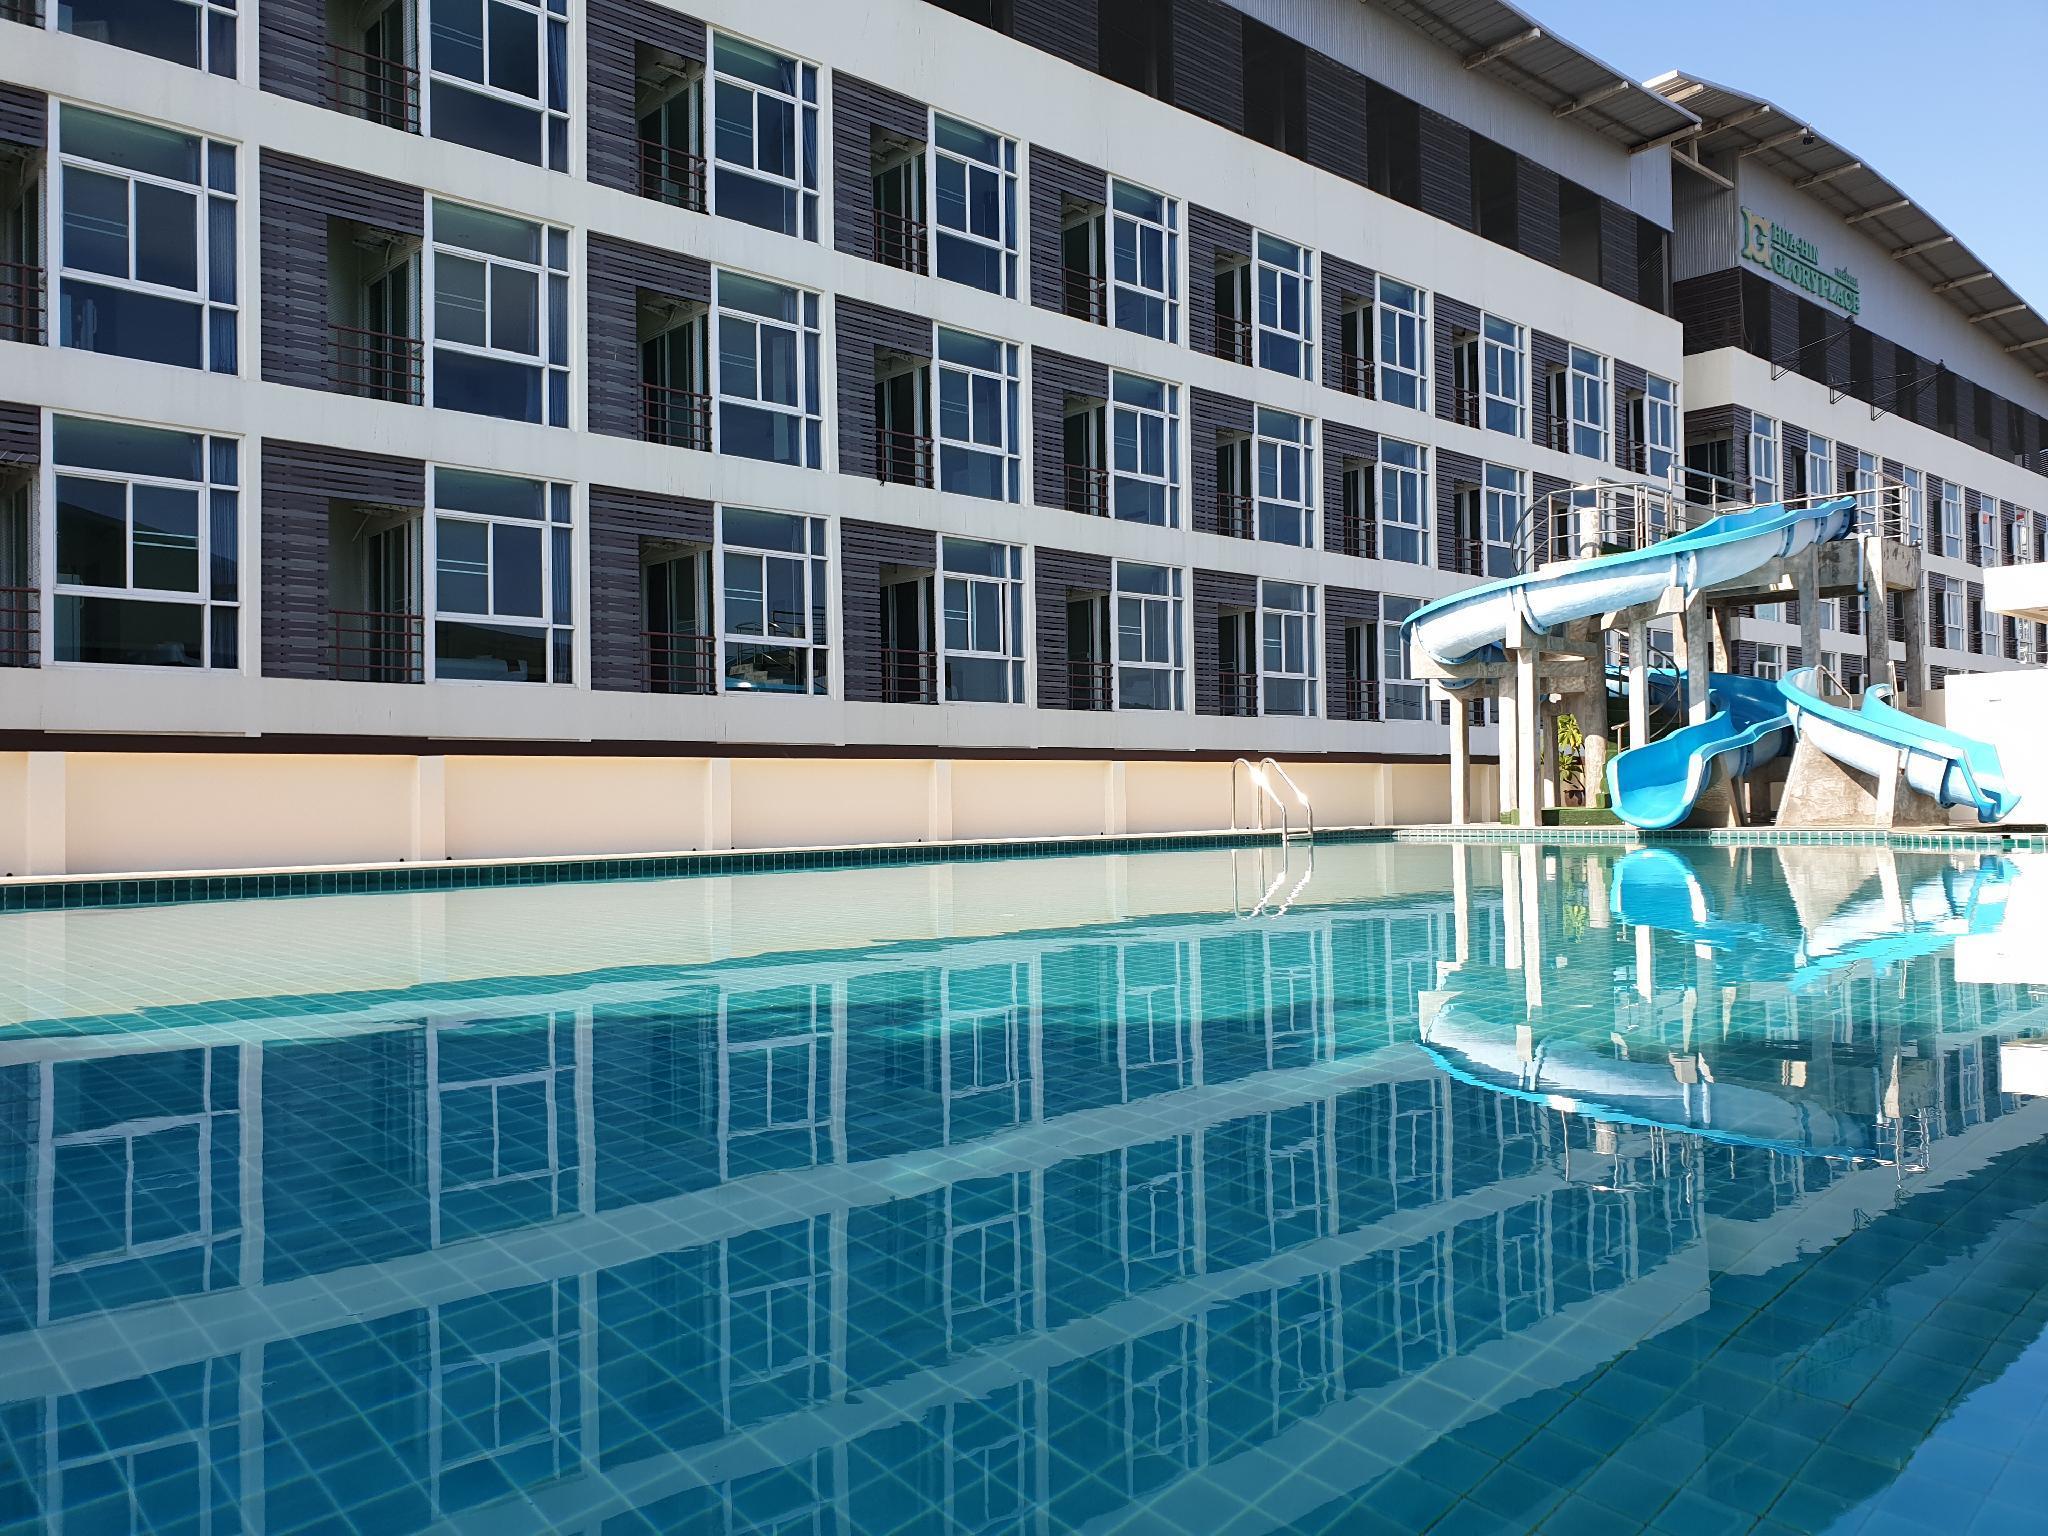 glory place room deals reviews photos hua hin cha am thailand rh agoda com